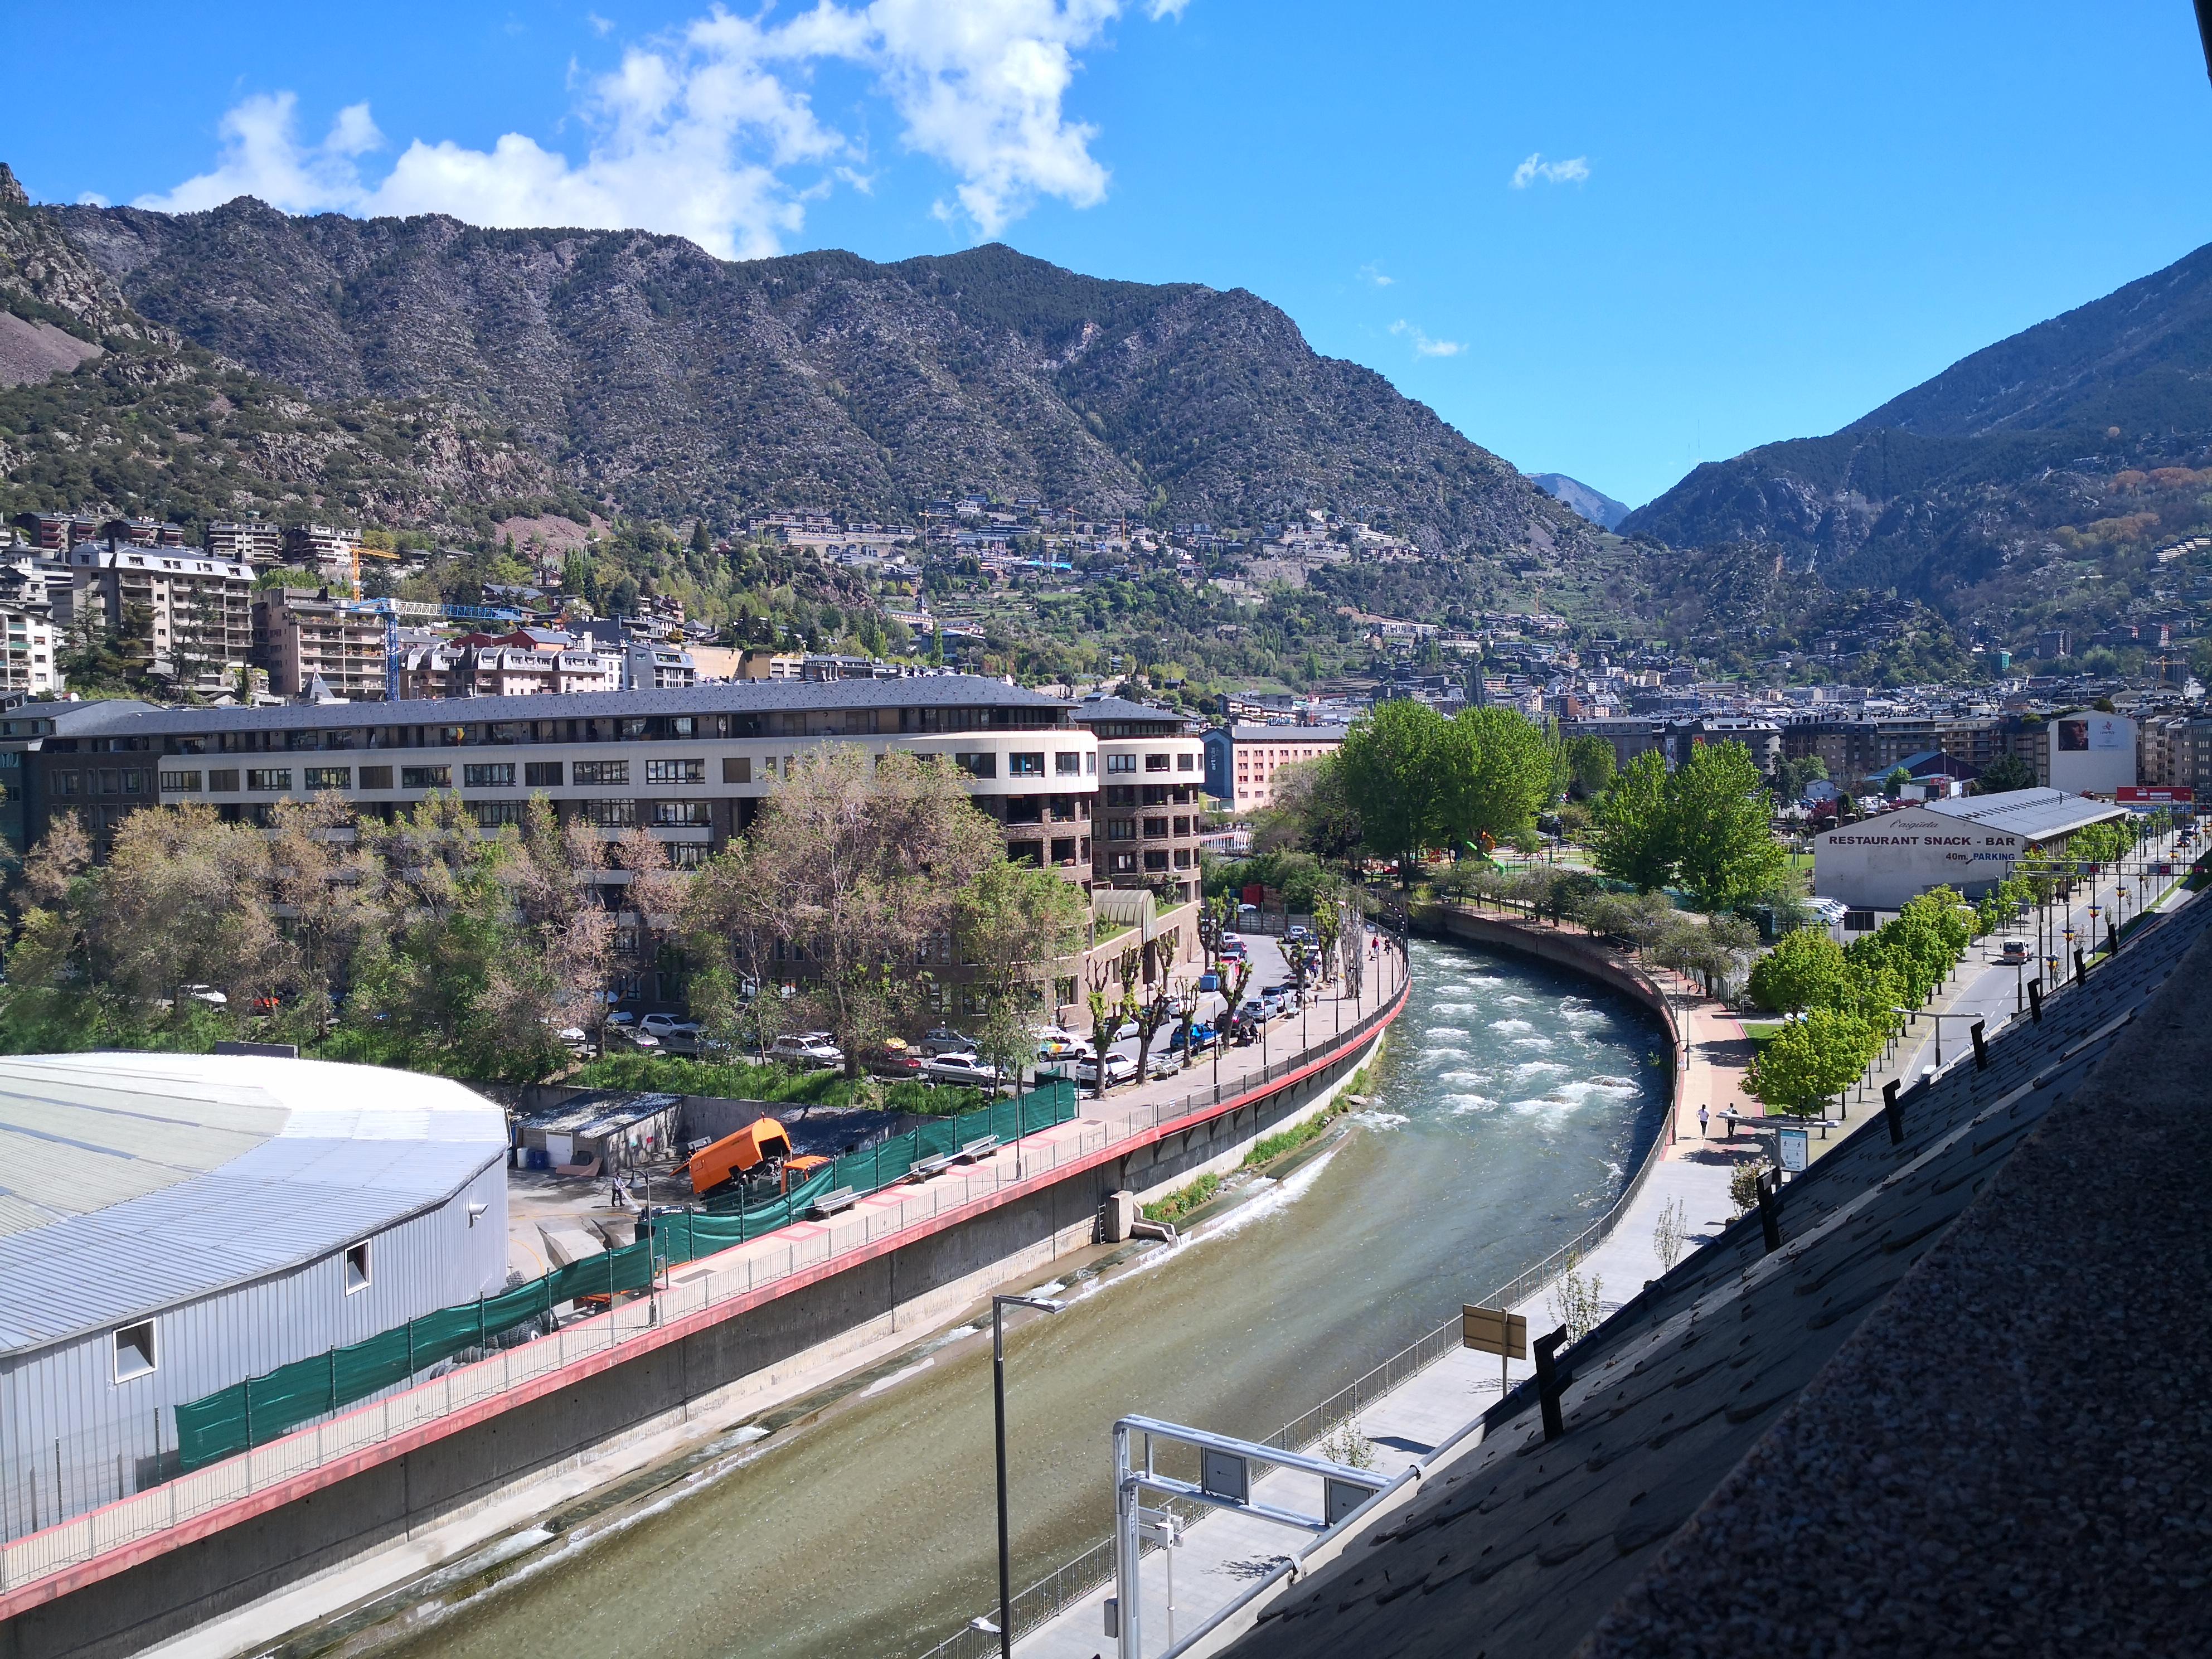 Àtic en venda a Andorra la Vella, 4 habitacions, 130 metres